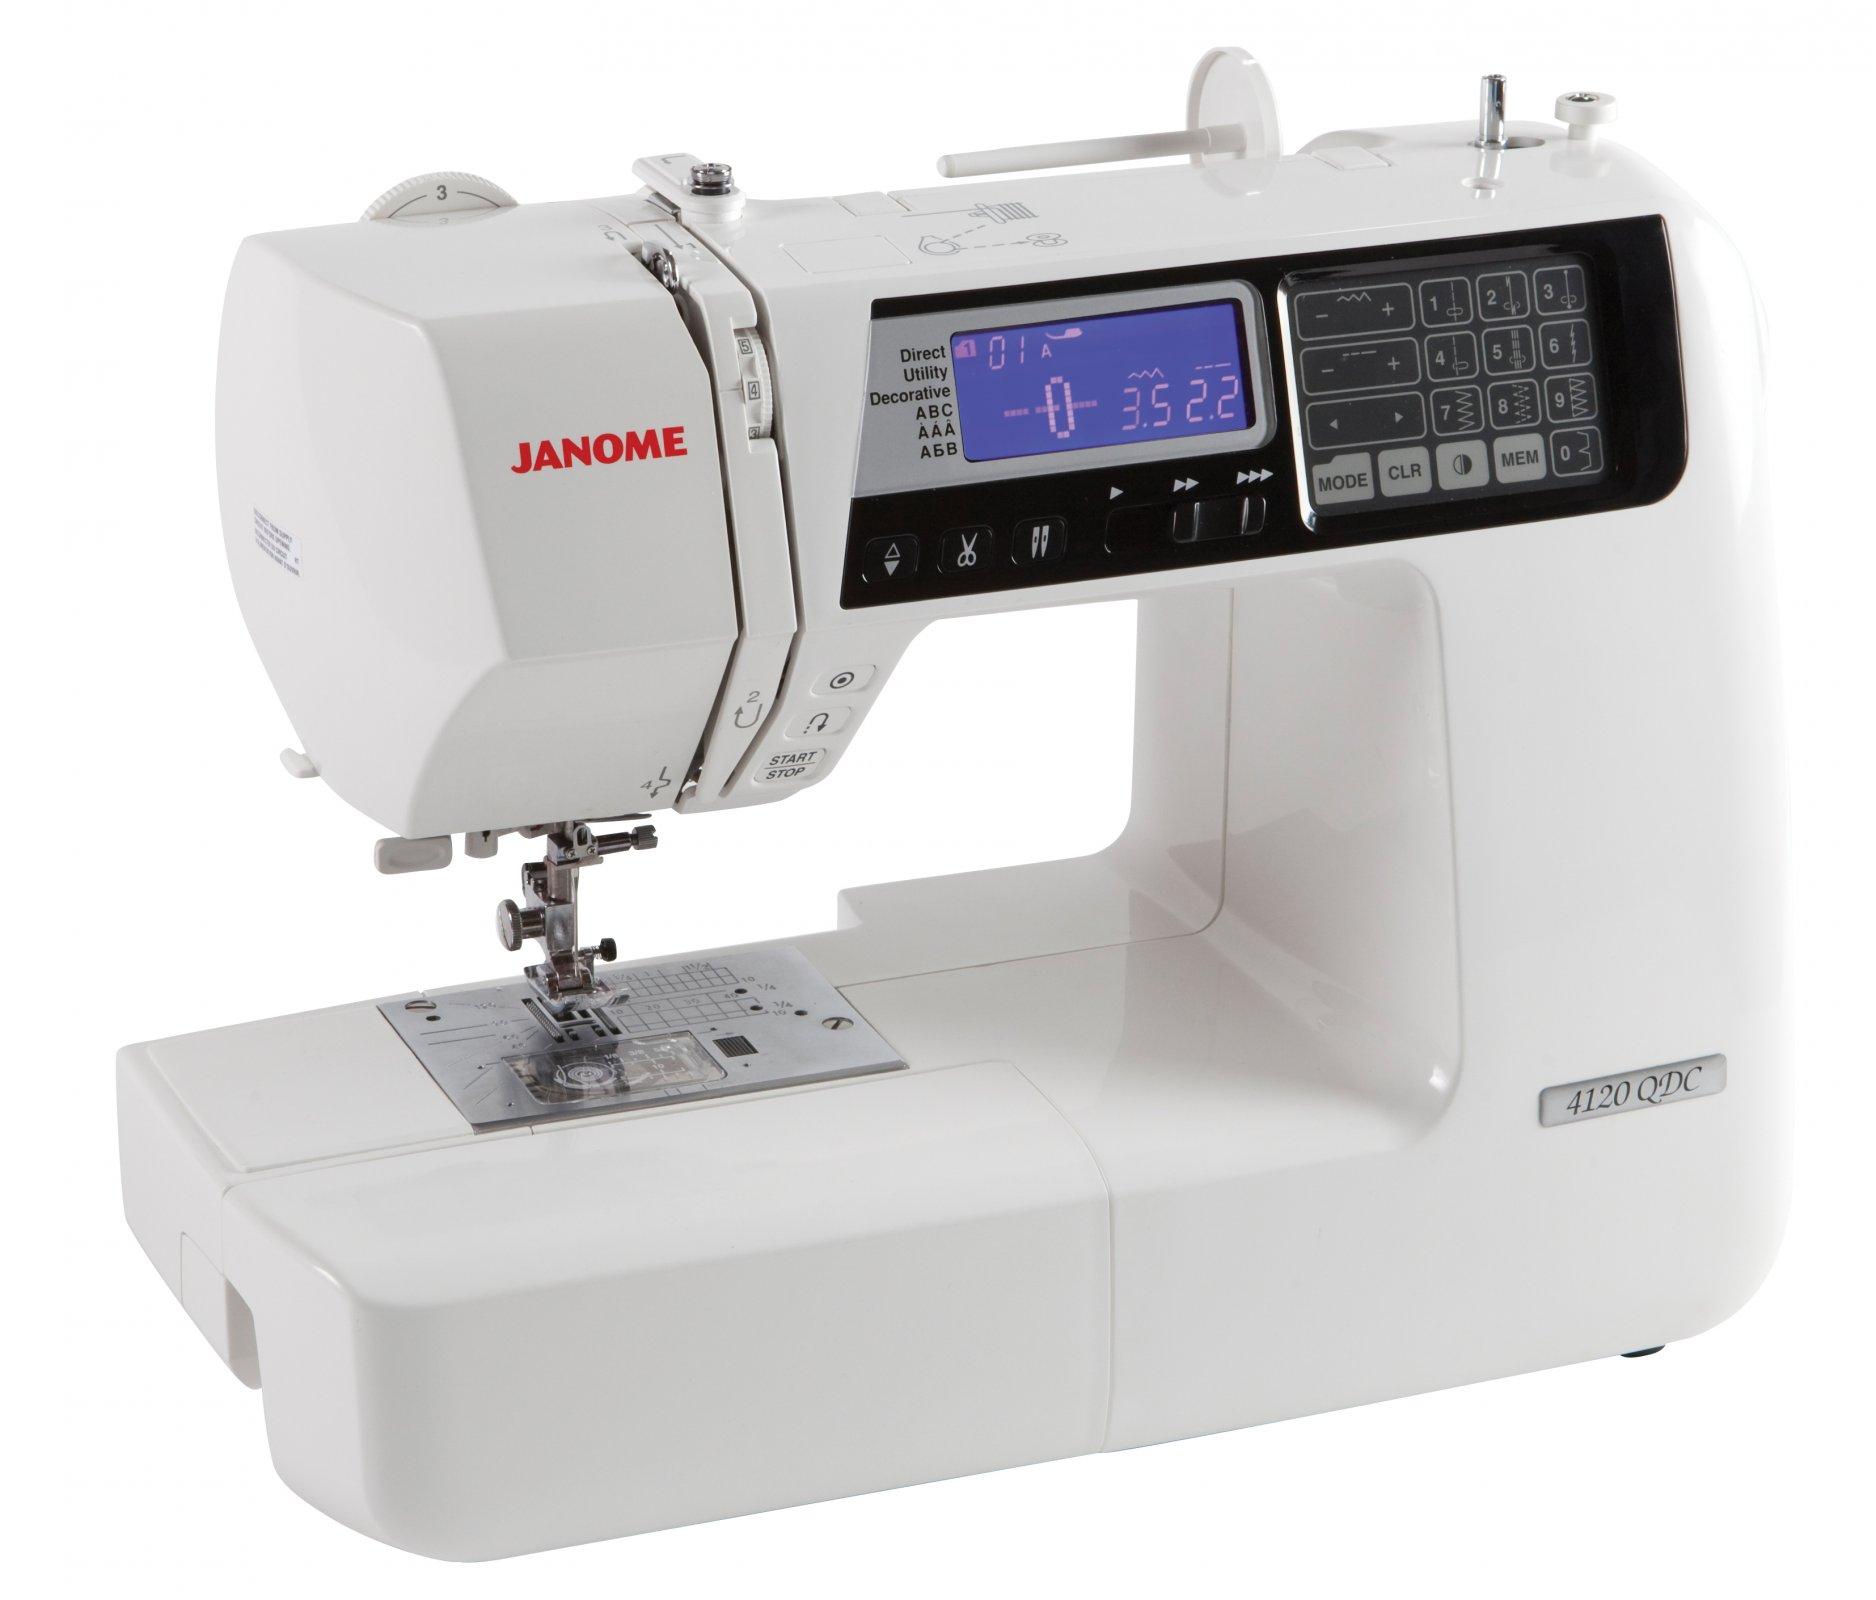 JANOME 4120 SEWING MACHINE